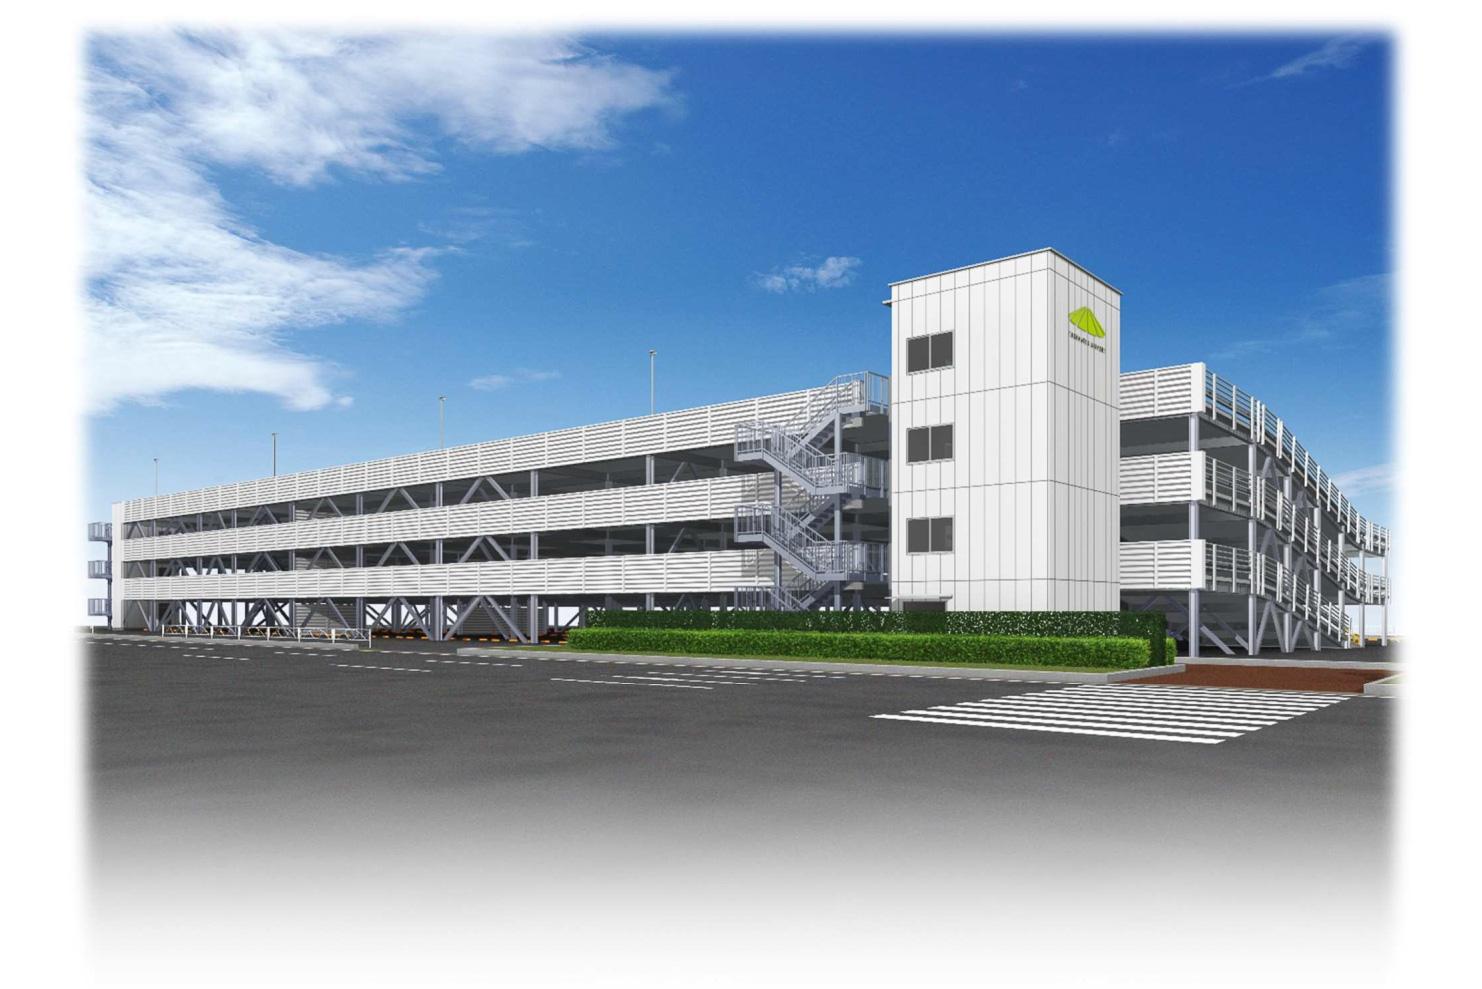 高松空港、立体駐車場建設のため約4か月半にわたり駐車場を ...